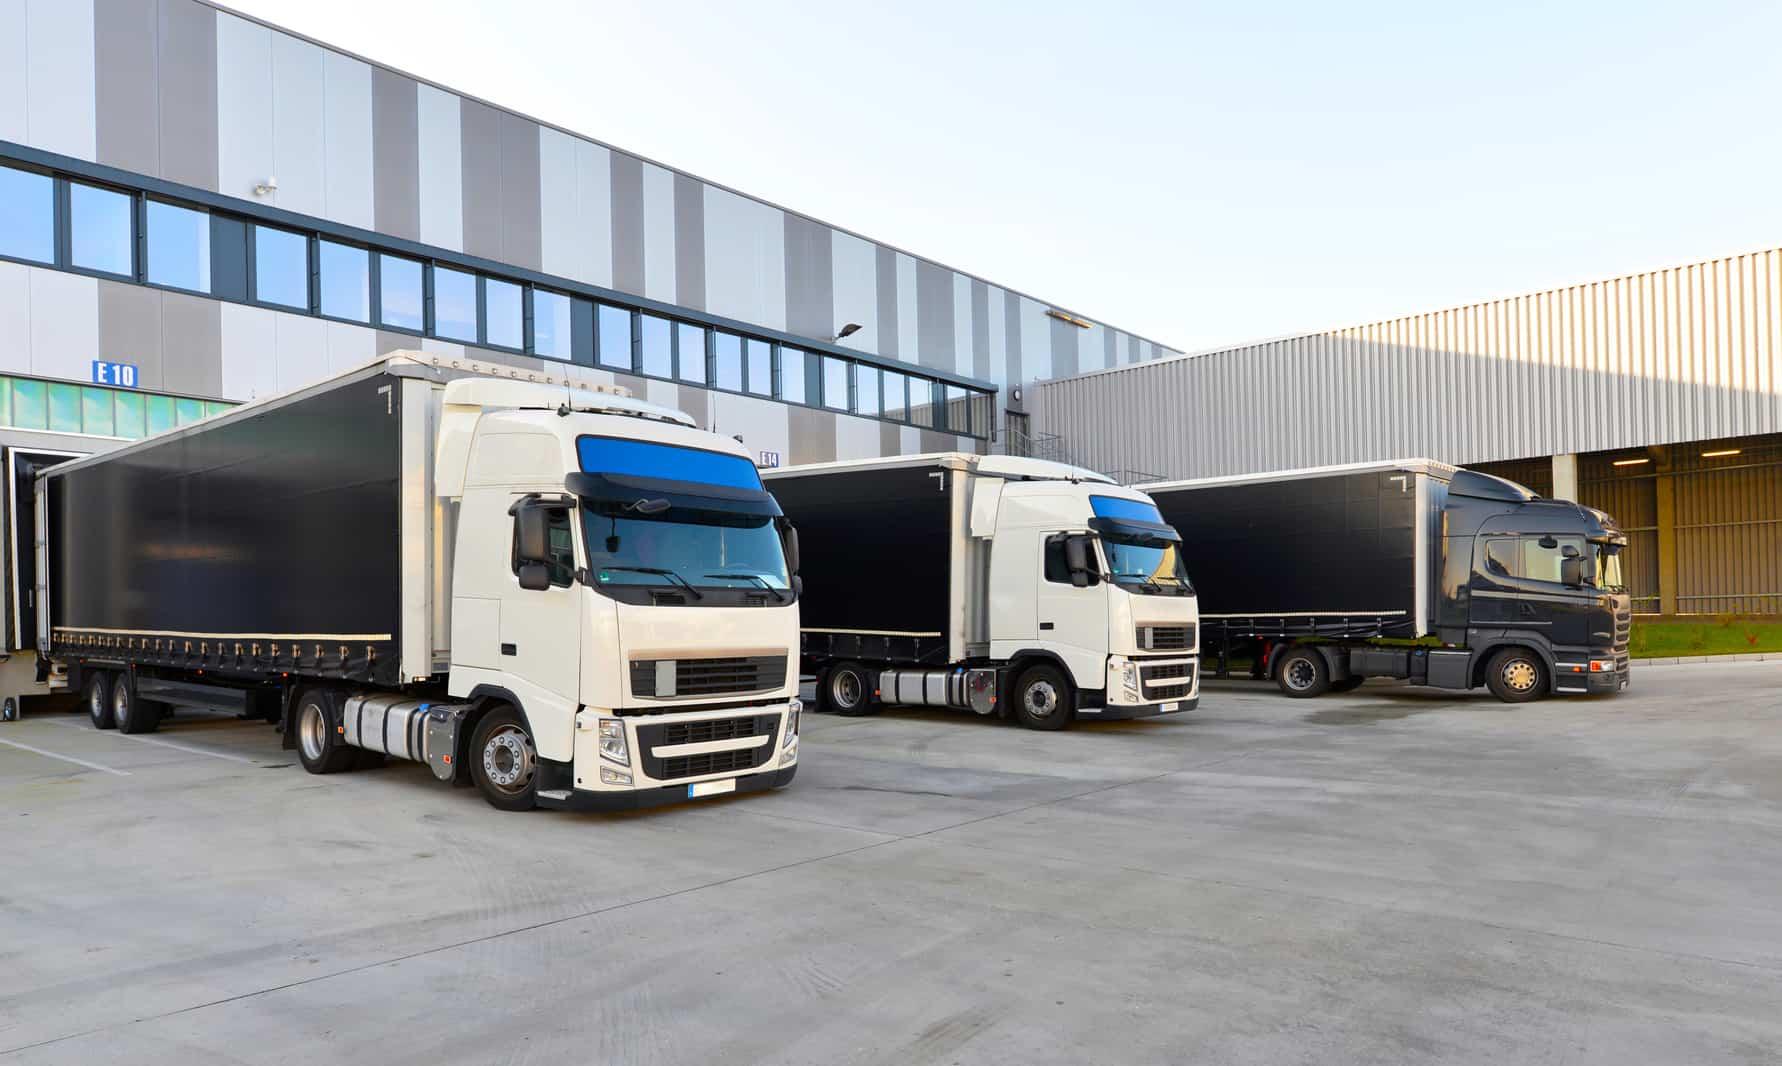 Anlieferung an das Cross-Docking-Lager mit Sattelzügen